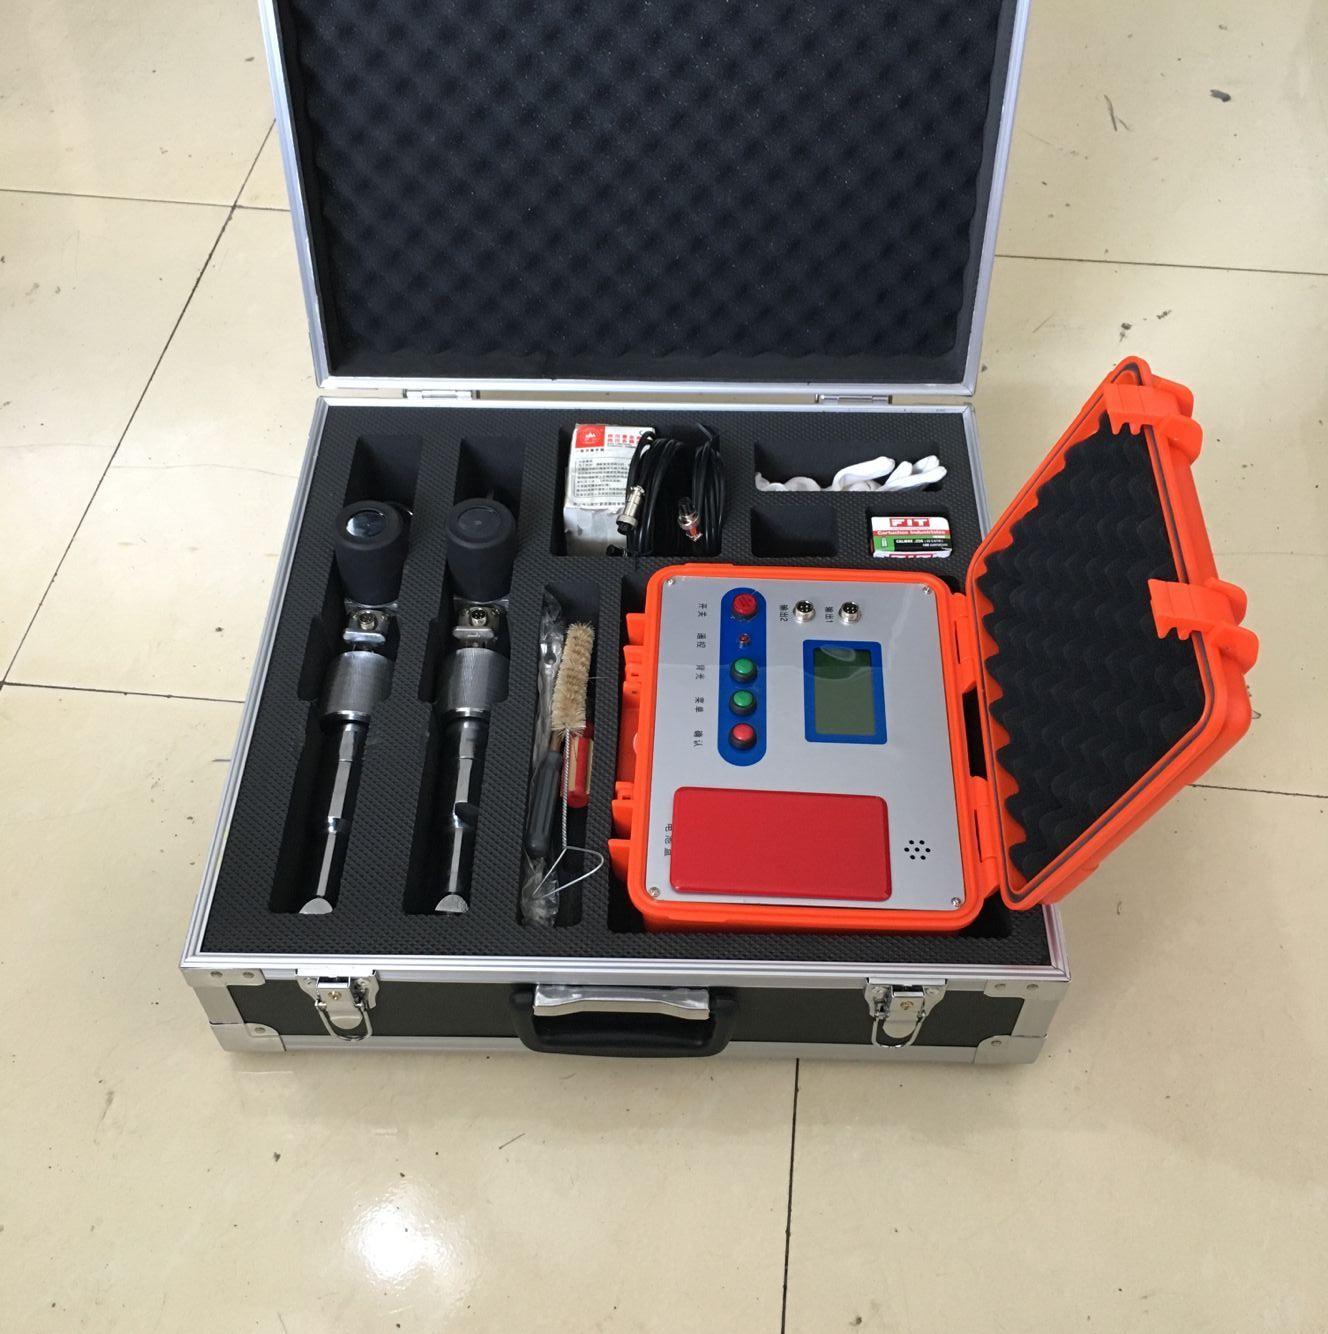 上海电缆识别仪价格_保定其他电工仪器仪表原理-江苏久益电力设备有限公司